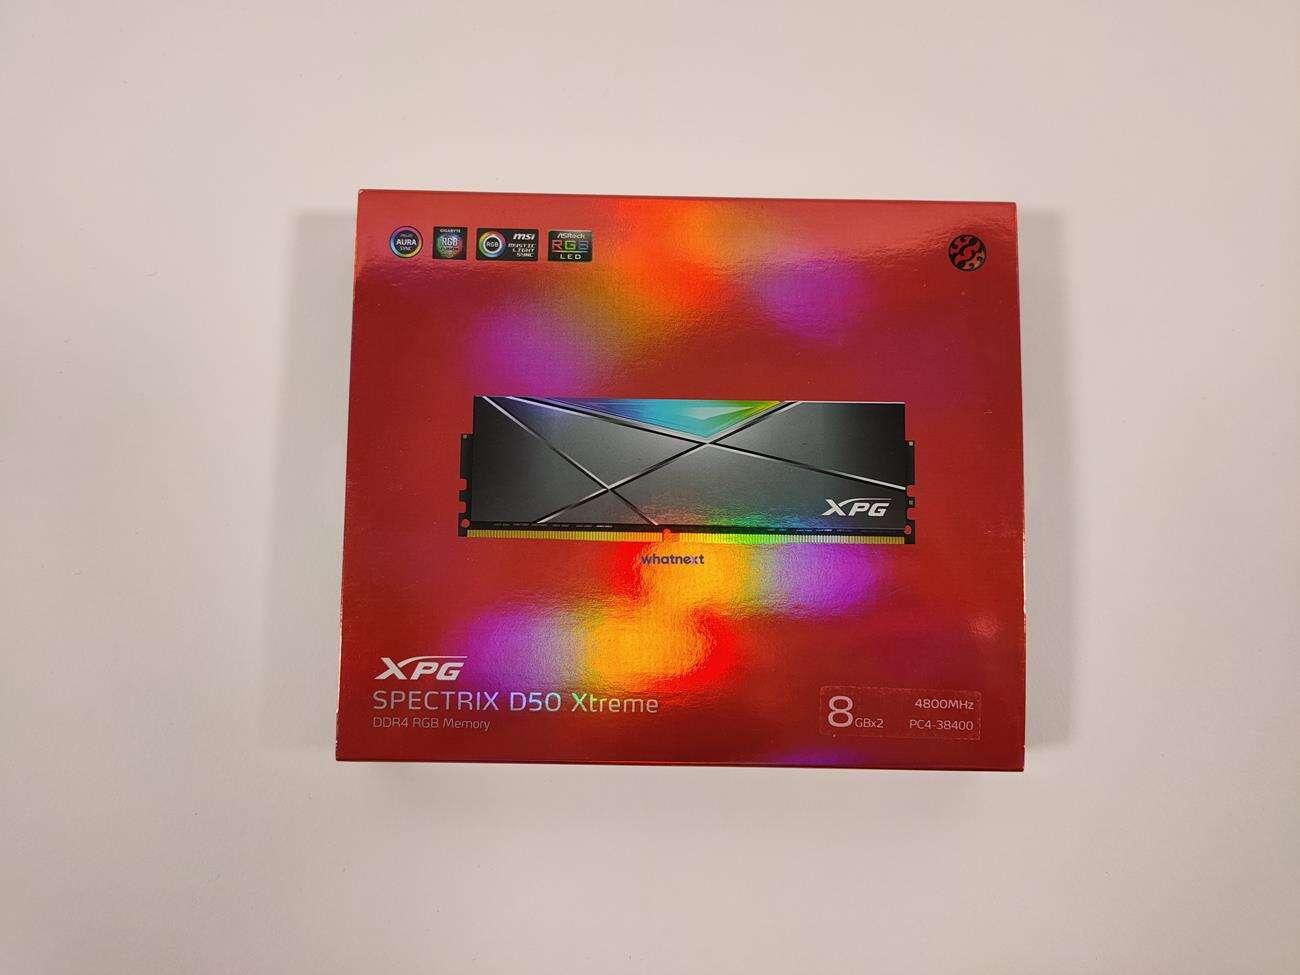 test Adata Spectrix D50 Xtreme 2x 8 GB 4800 MHz, recenzja Adata Spectrix D50 Xtreme 2x 8 GB 4800 MHz, review Adata Spectrix D50 Xtreme 2x 8 GB 4800 MHz, opinia Adata Spectrix D50 Xtreme 2x 8 GB 4800 MHz